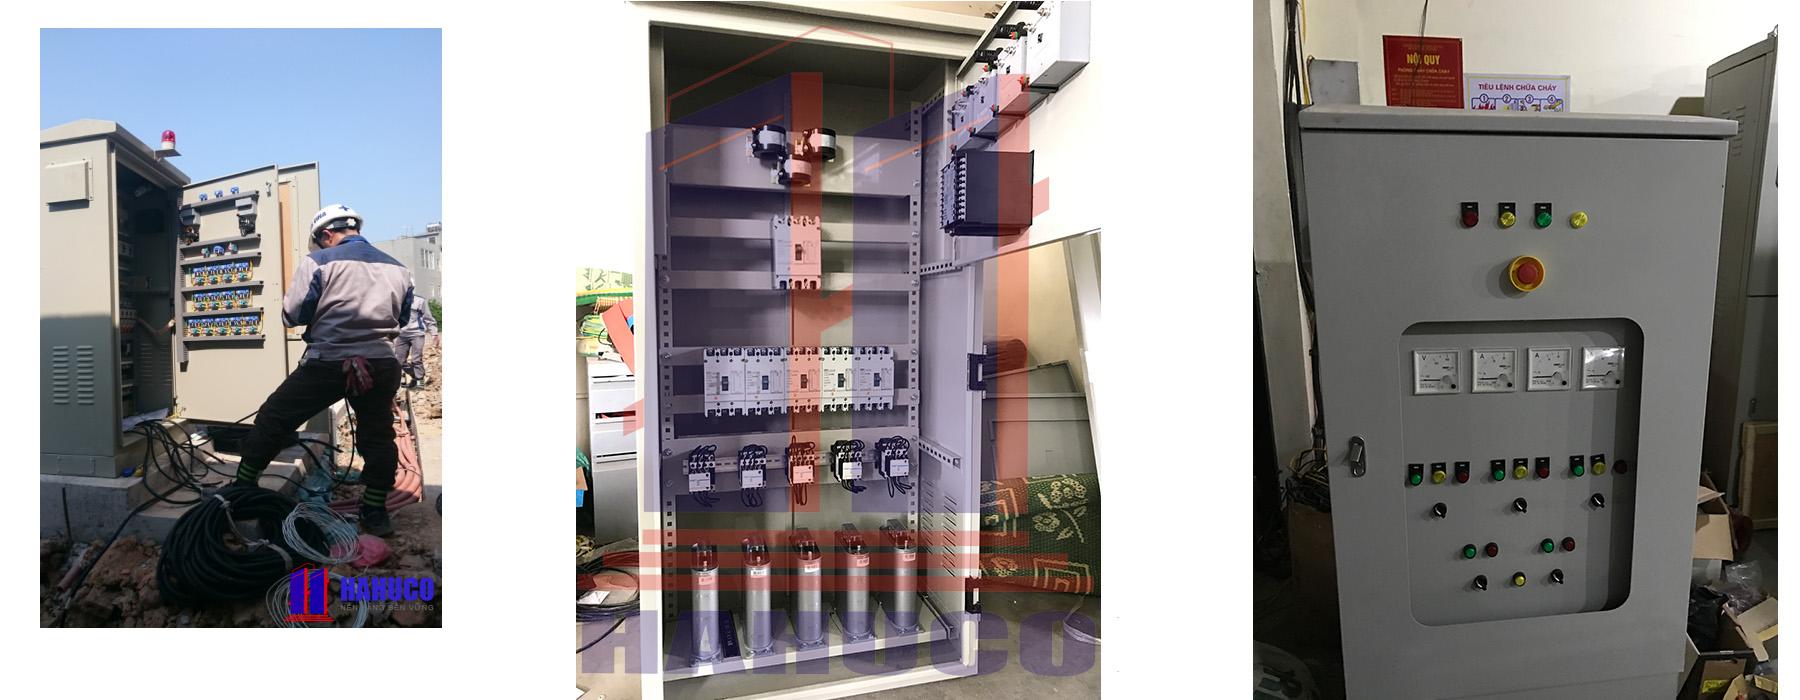 Tủ điện điều khiển giá rẻ, uy tín, chất lượng